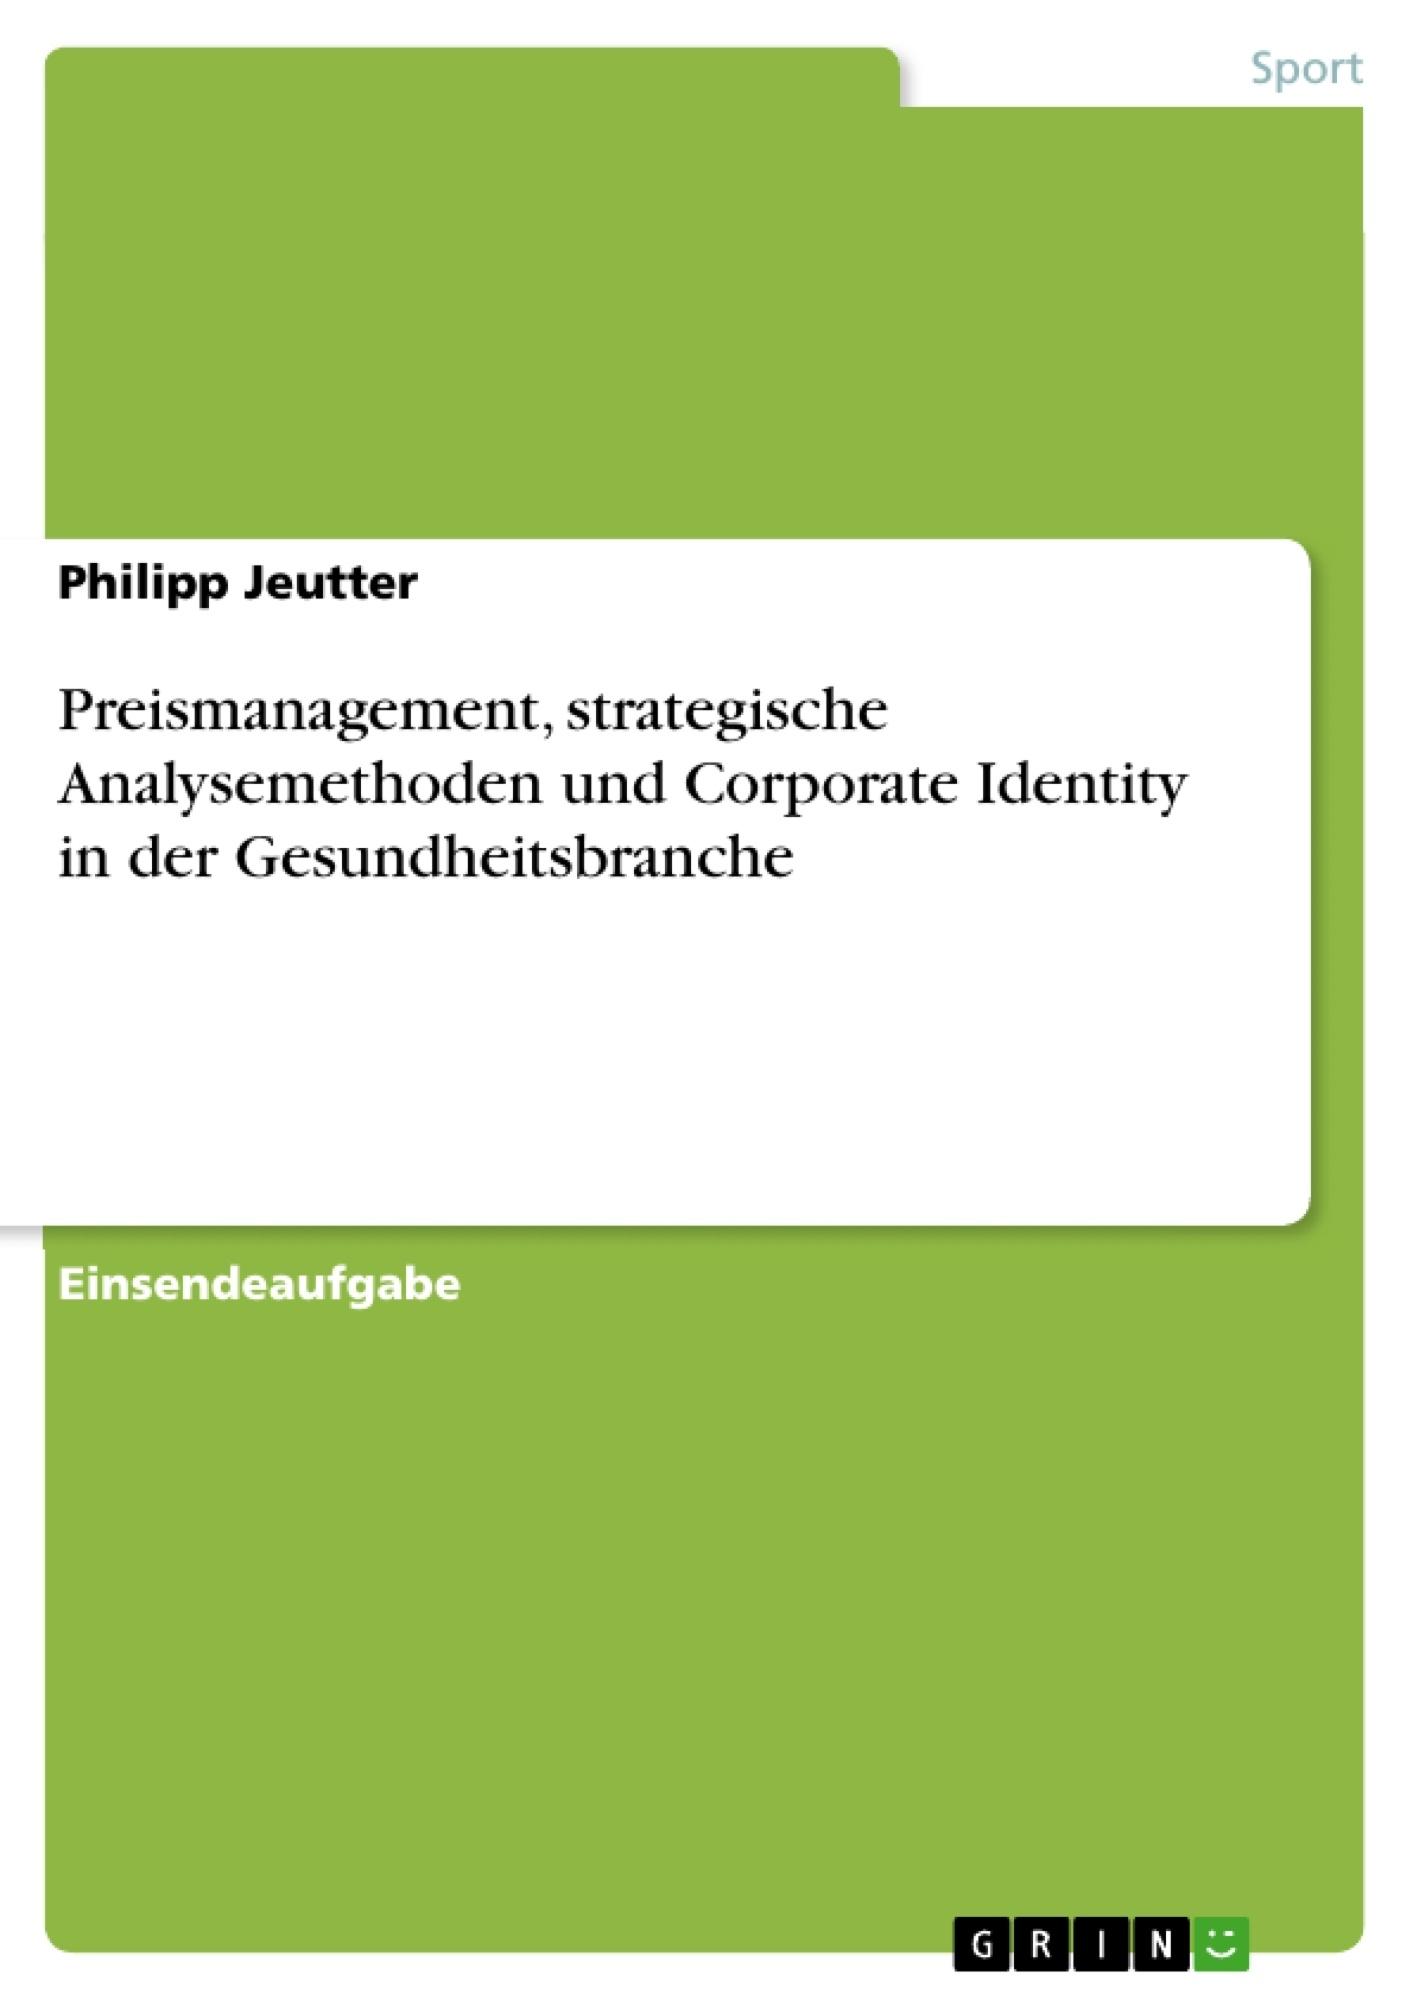 Titel: Preismanagement, strategische Analysemethoden und Corporate Identity in der Gesundheitsbranche